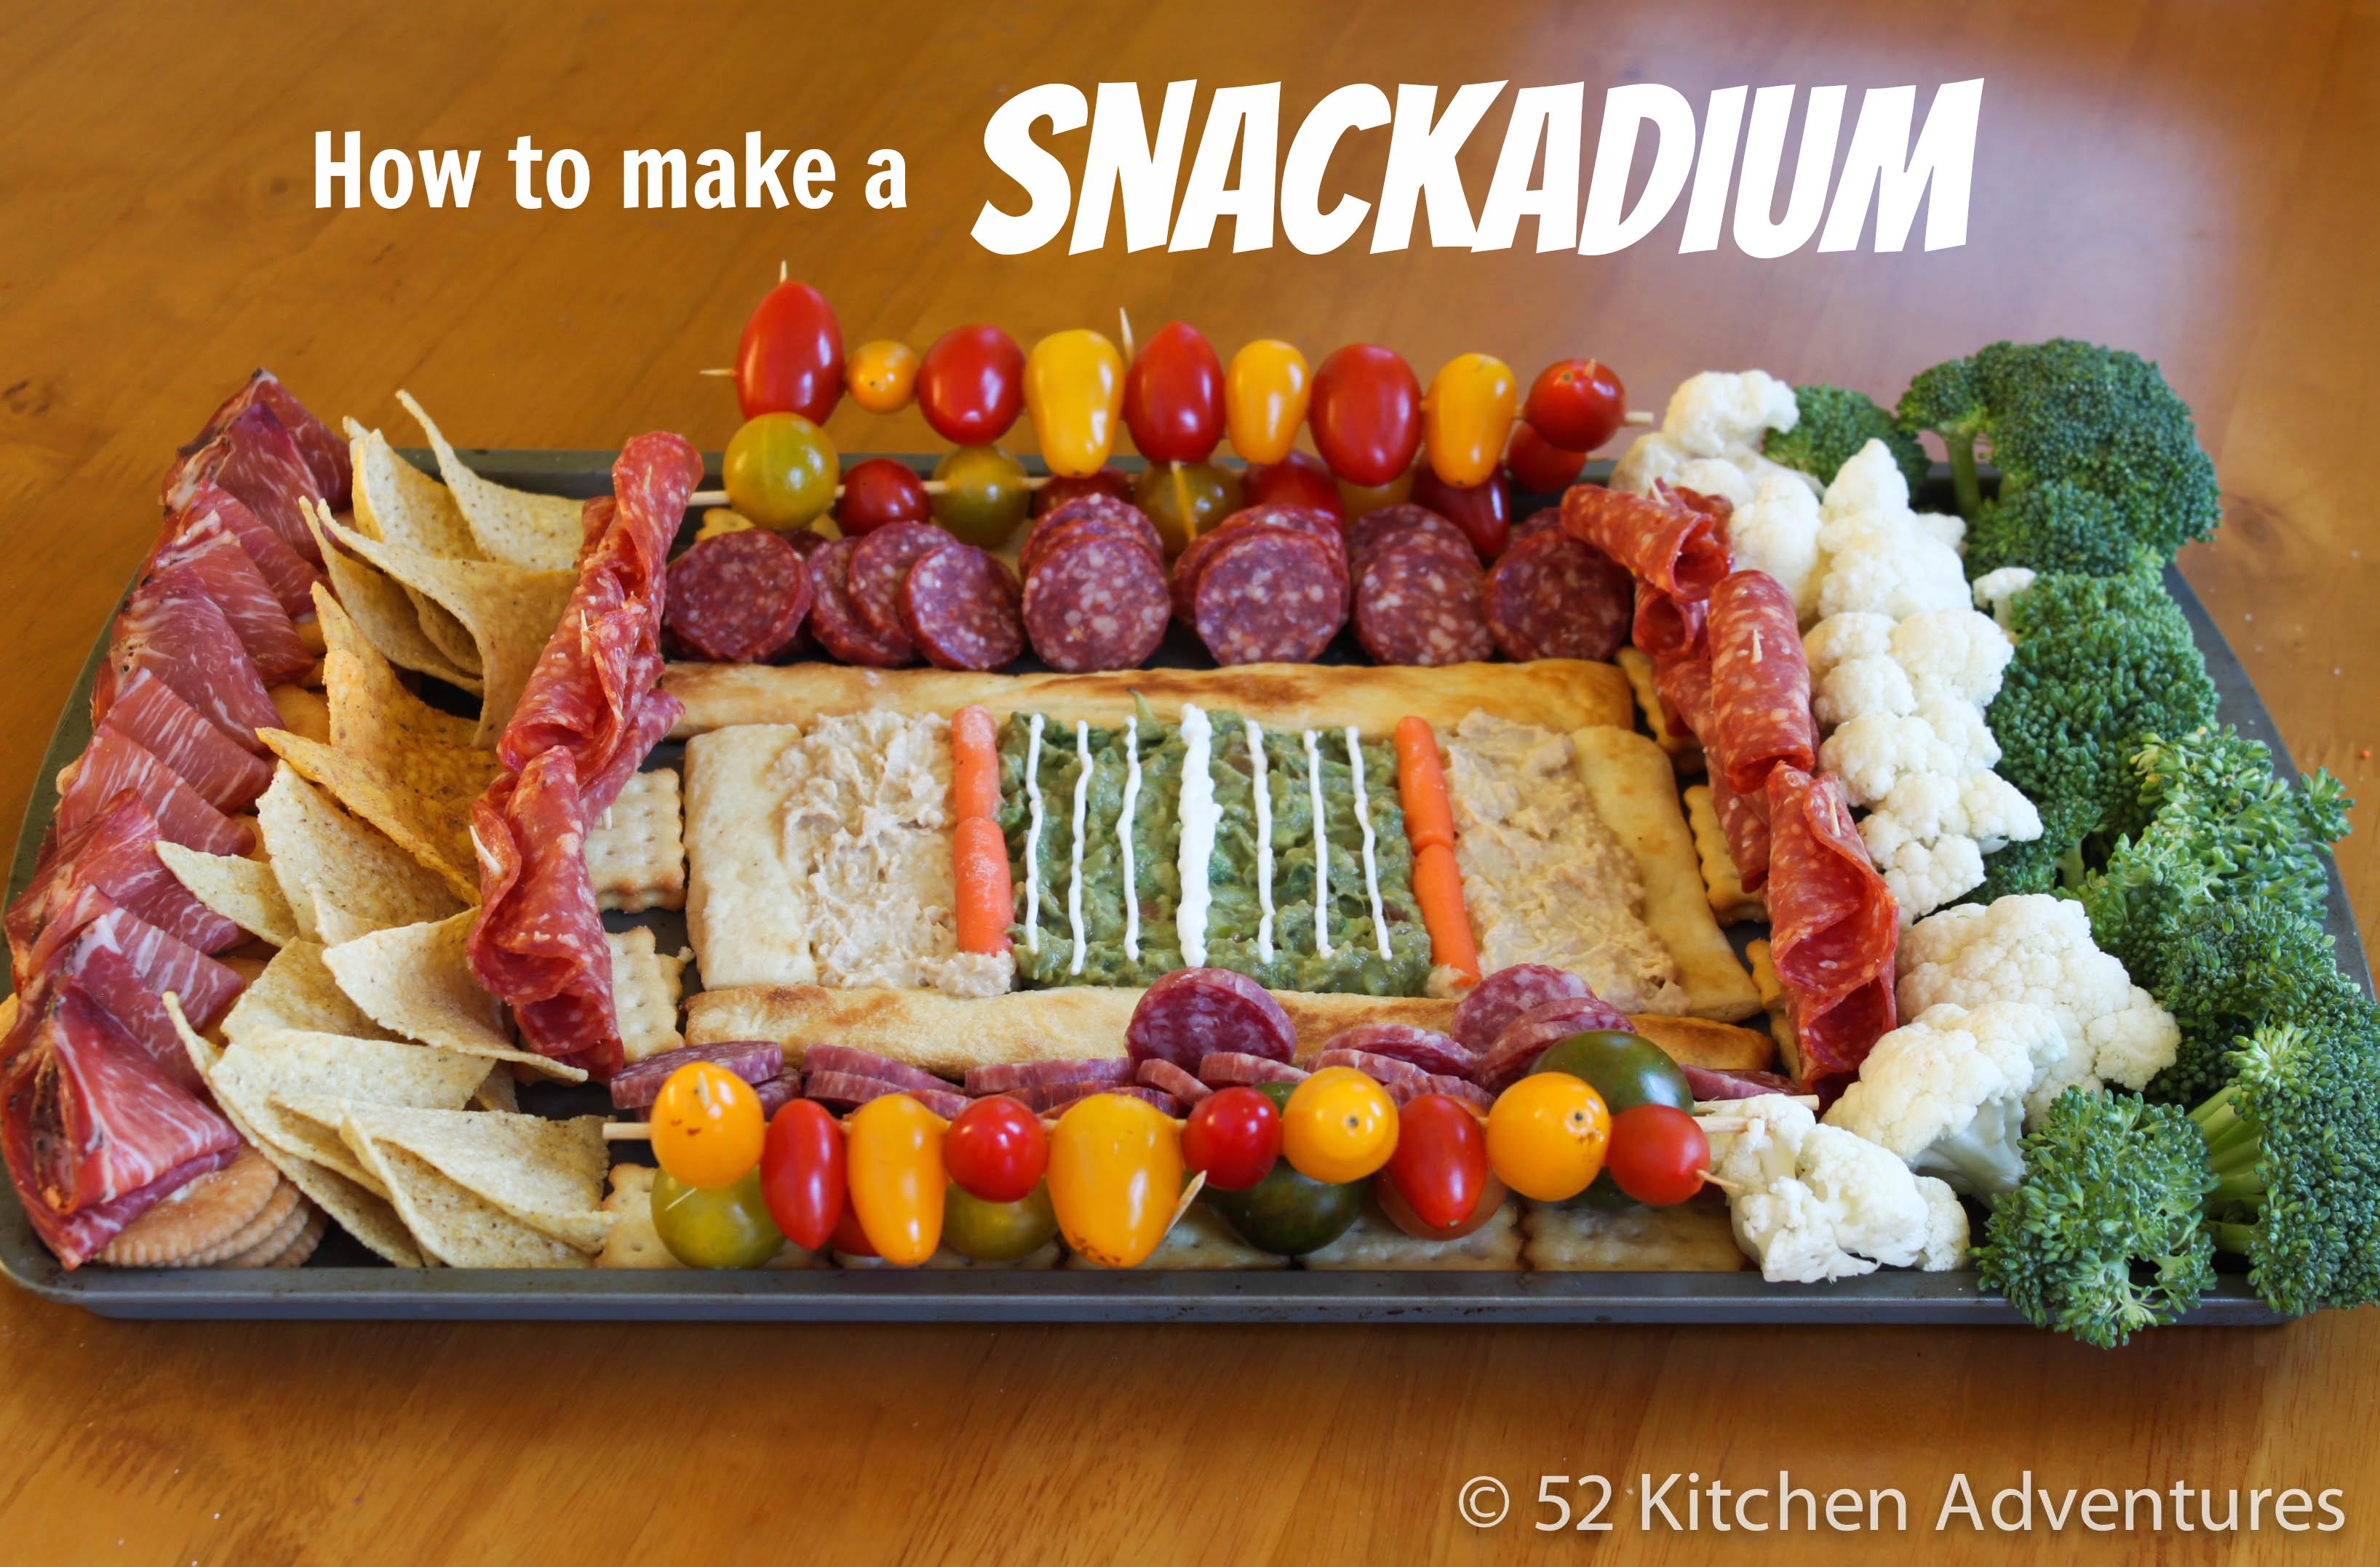 How to make a snackadium